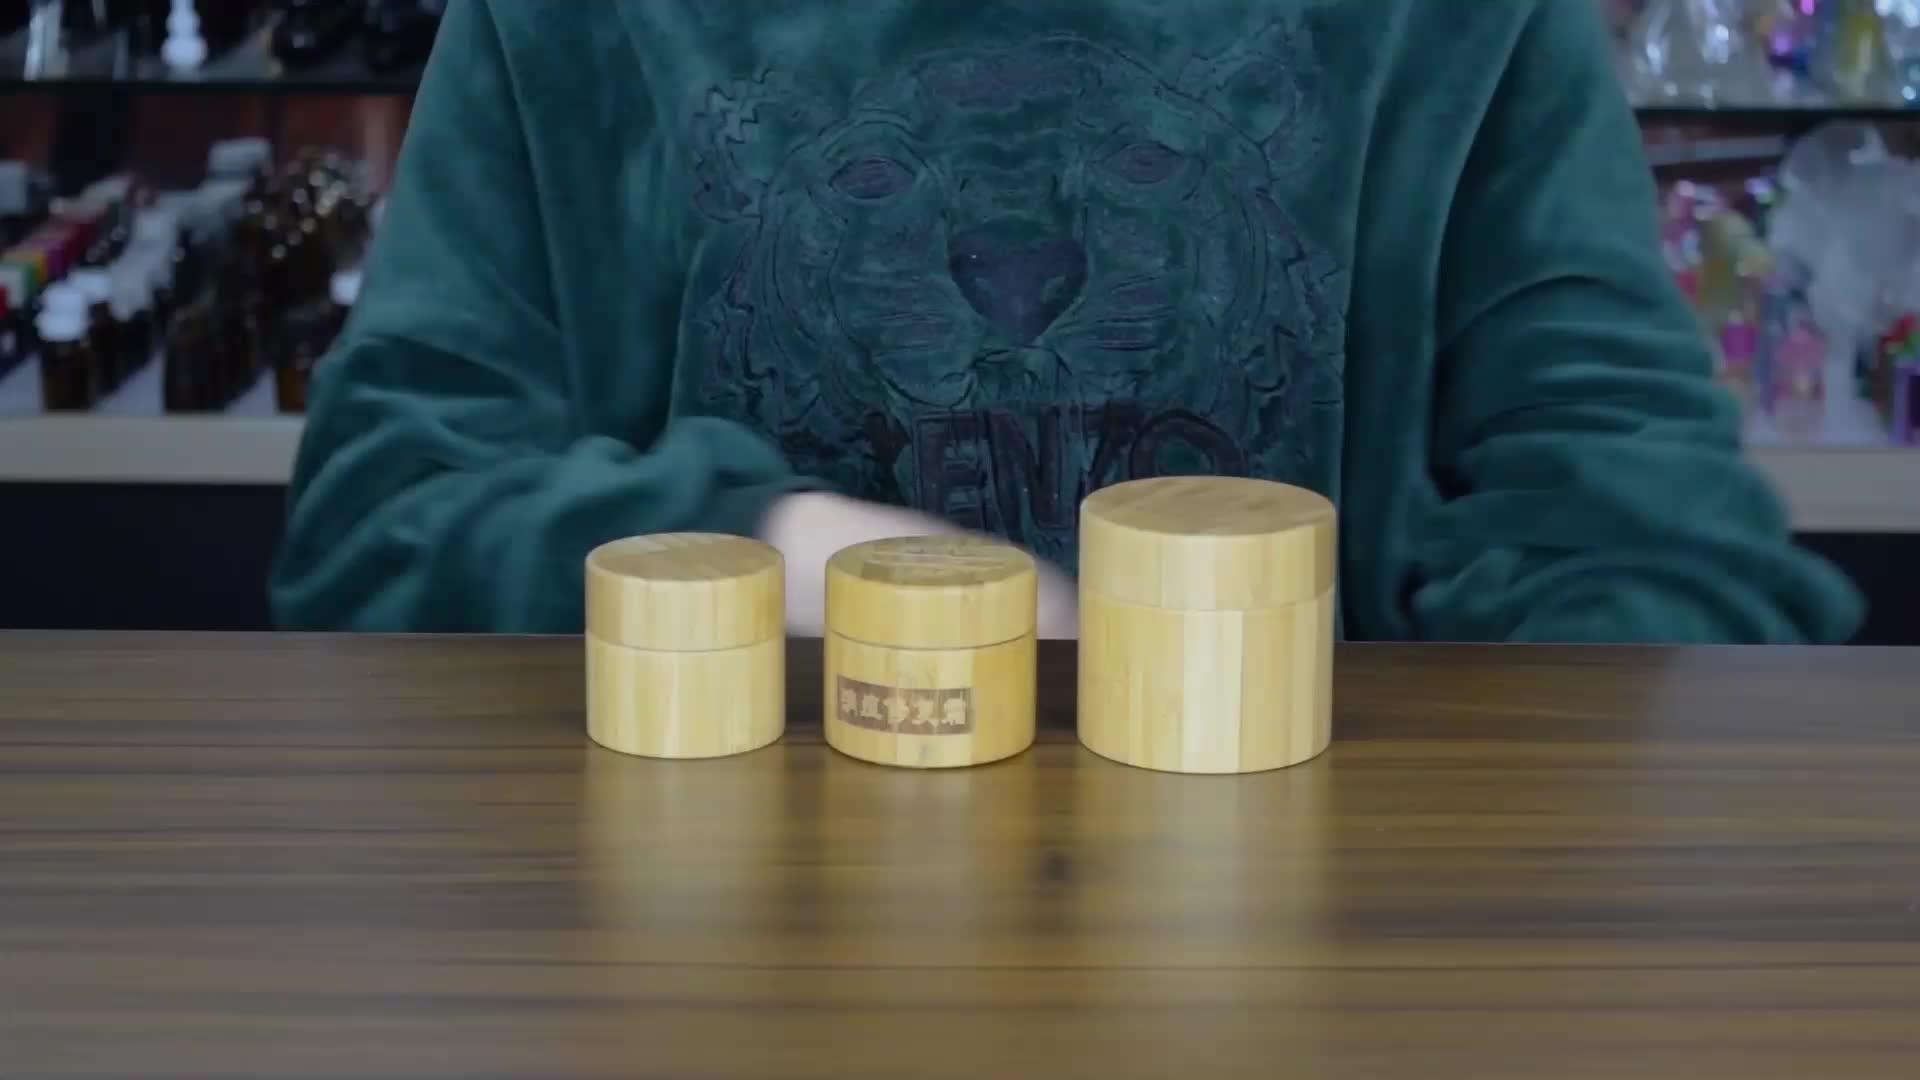 नई फैशन प्राकृतिक उत्पादों गोल आकार 50g प्लास्टिक पीपी भीतरी कॉस्मेटिक बांस क्रीम जार